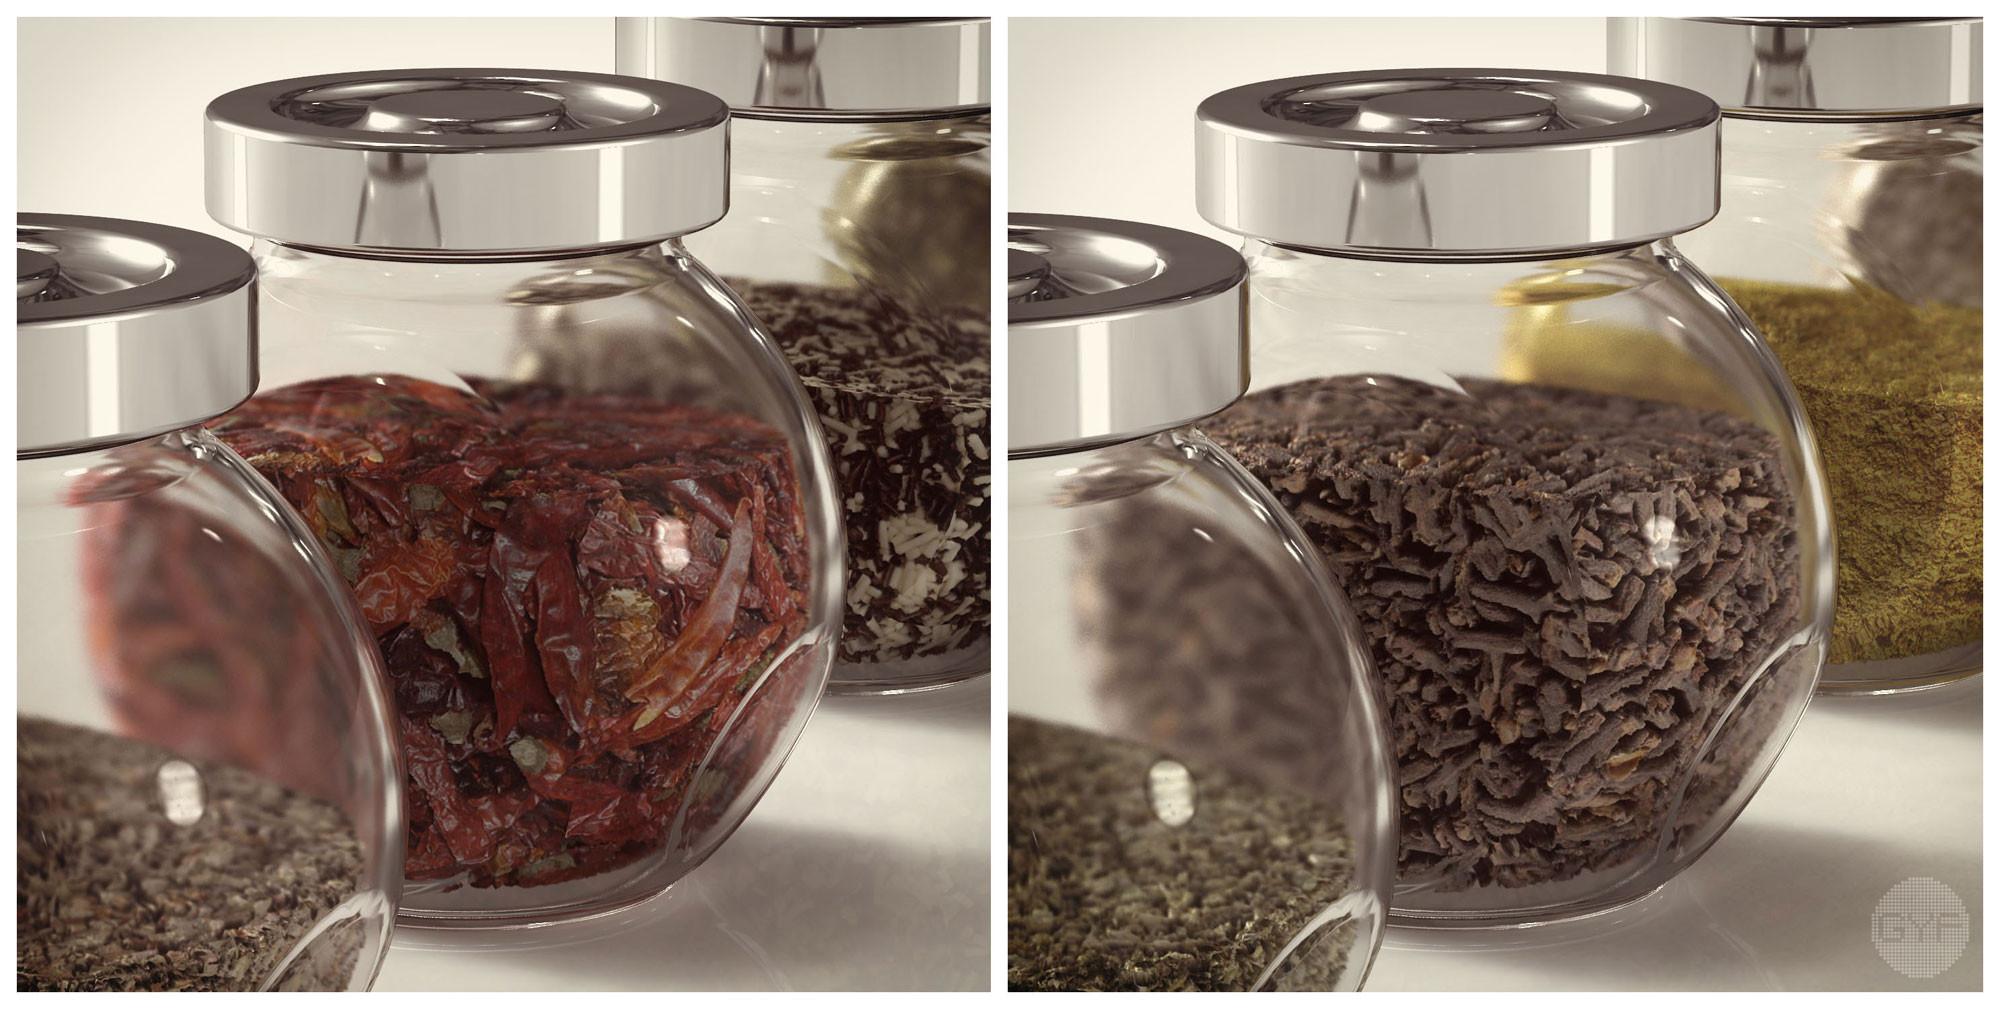 IKEA Rajtan Spice Jars